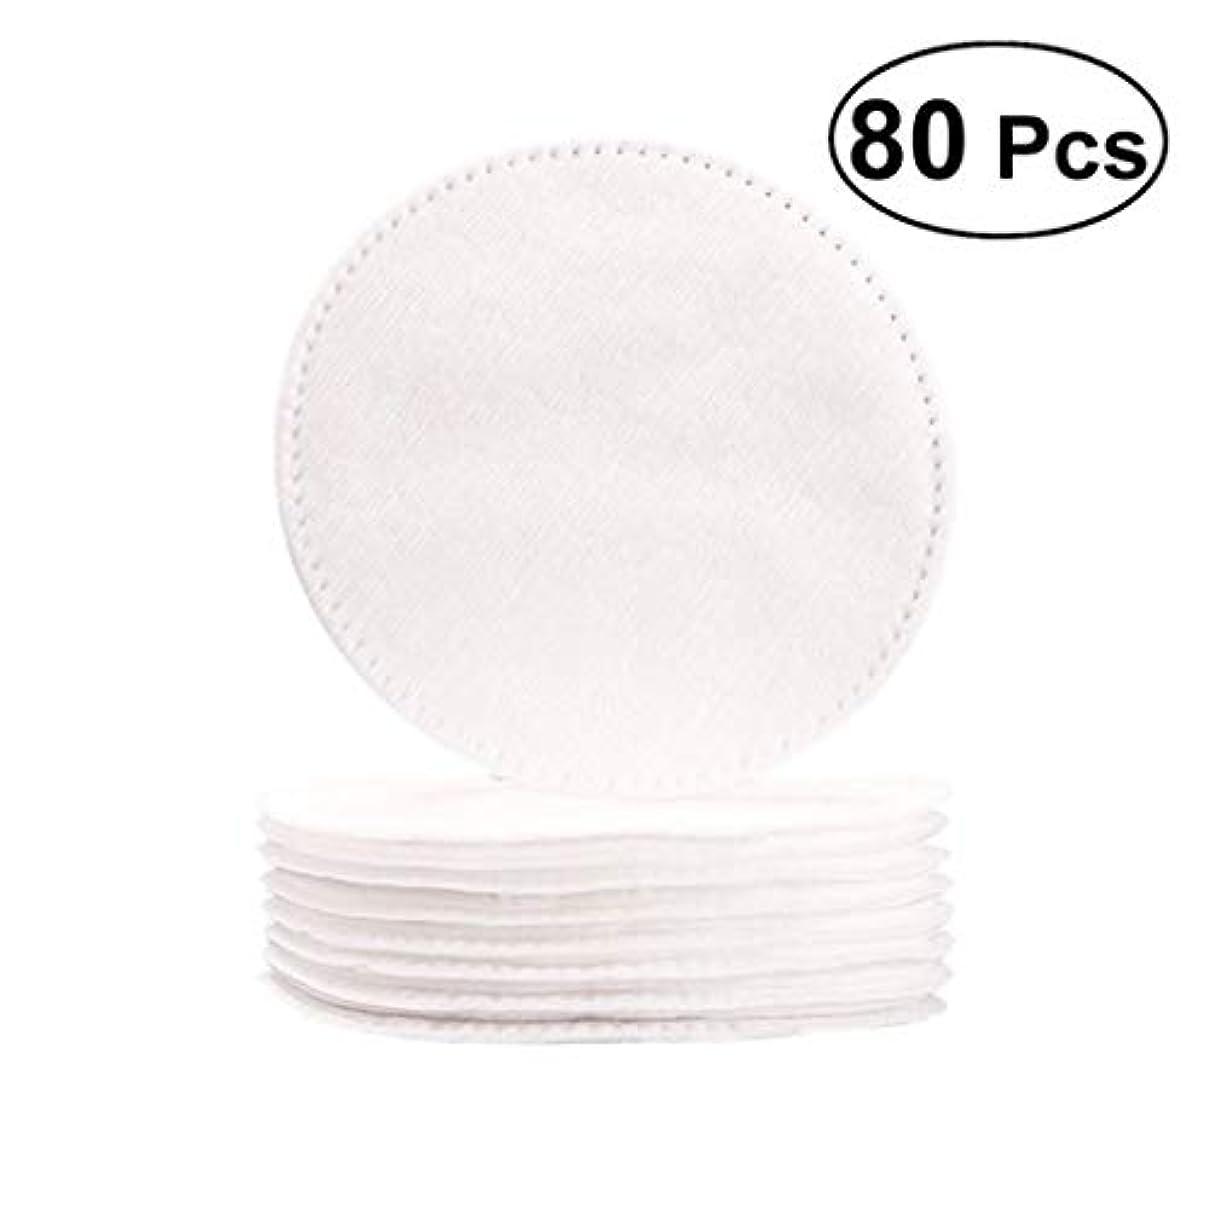 計算する顕現レンディションクレンジングシート 80ピースコットンパッド使い捨てダブルフェイスクレンジングクリーニングパッドフェイシャルコットンシートネイルスキンケアコットンパッド (Color : White, サイズ : 5.5cm)